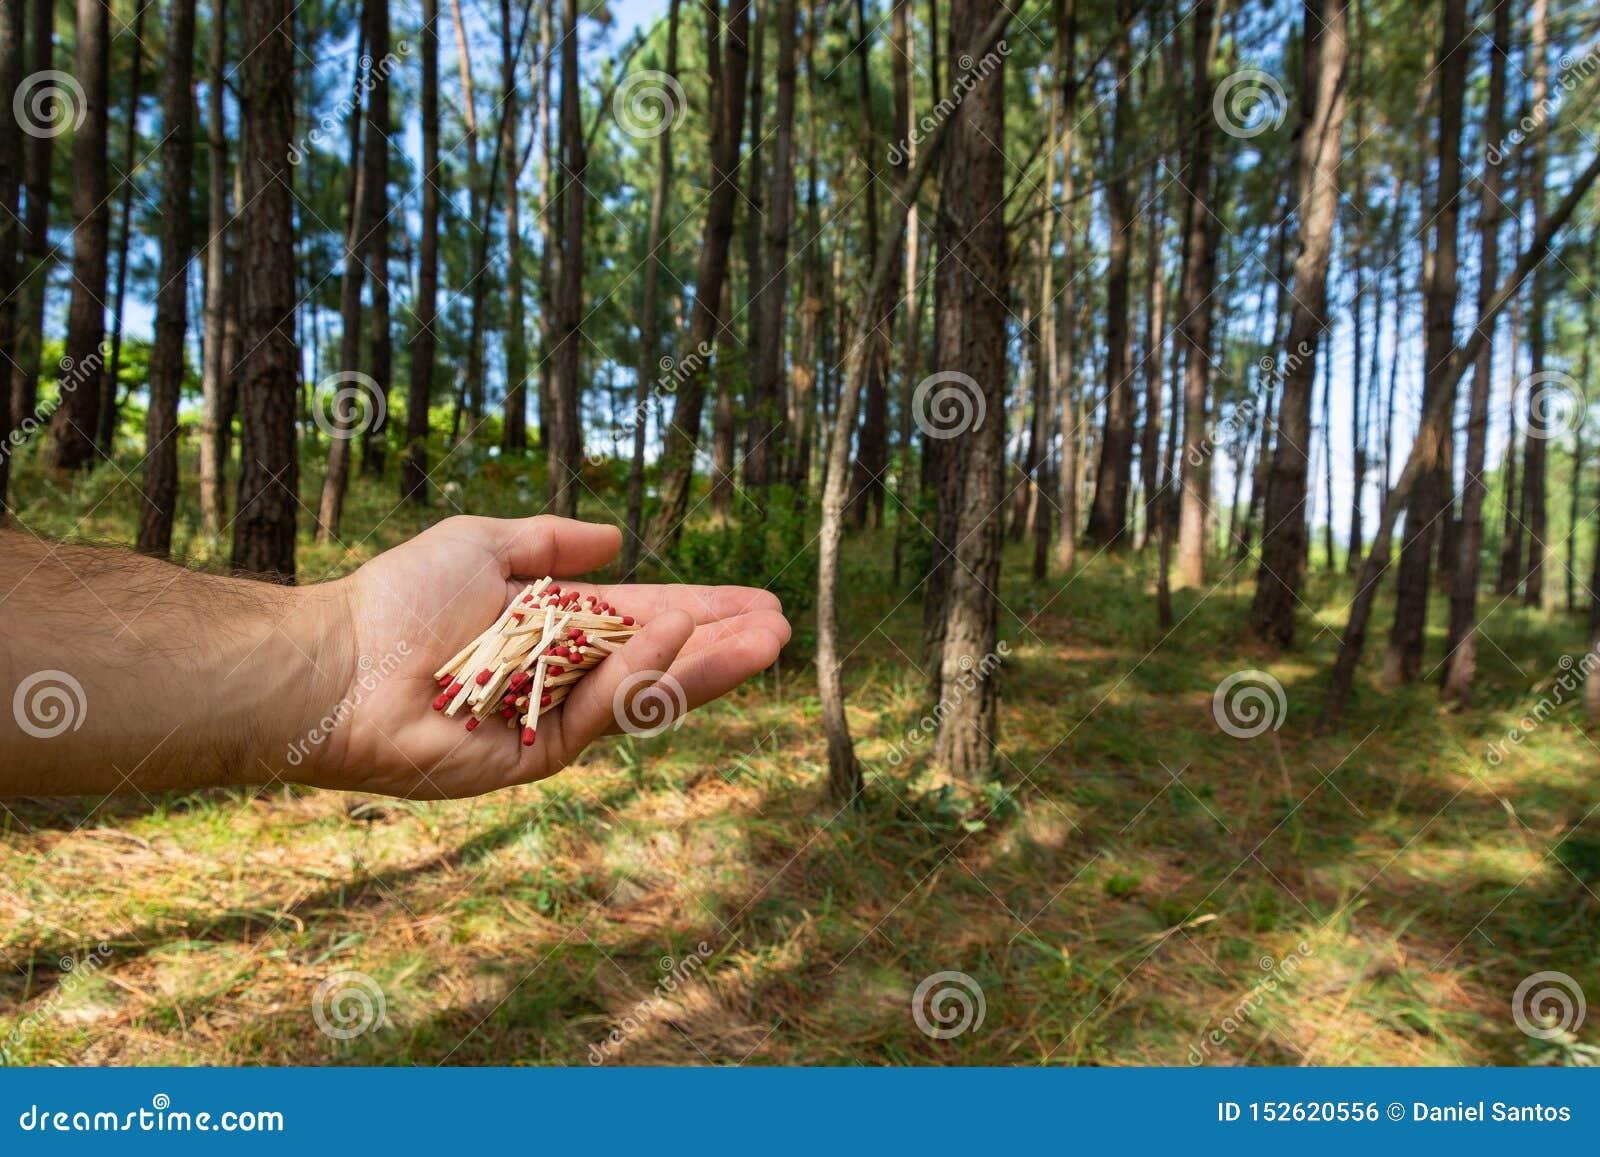 Match im Hand- und pinetreewald